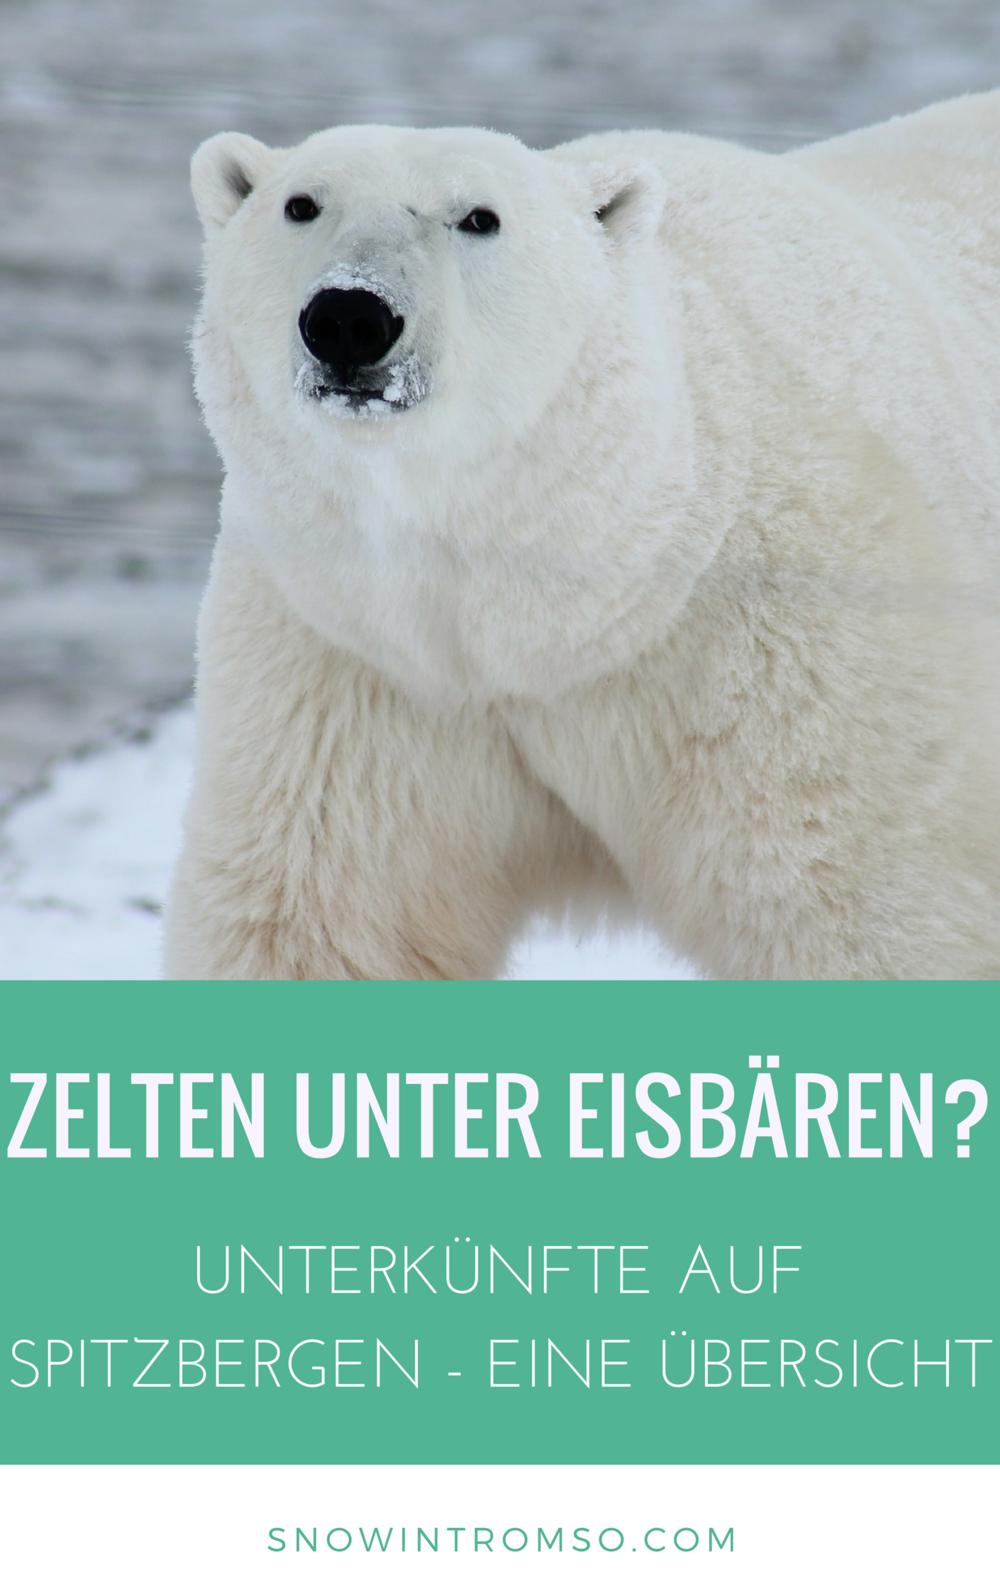 Unterkünfte auf Spitzbergen müssen nicht teuer sein! Hier findest Du eine Übersicht über alle Hostels und Hotels in Longyearbyen und Barentsburg!